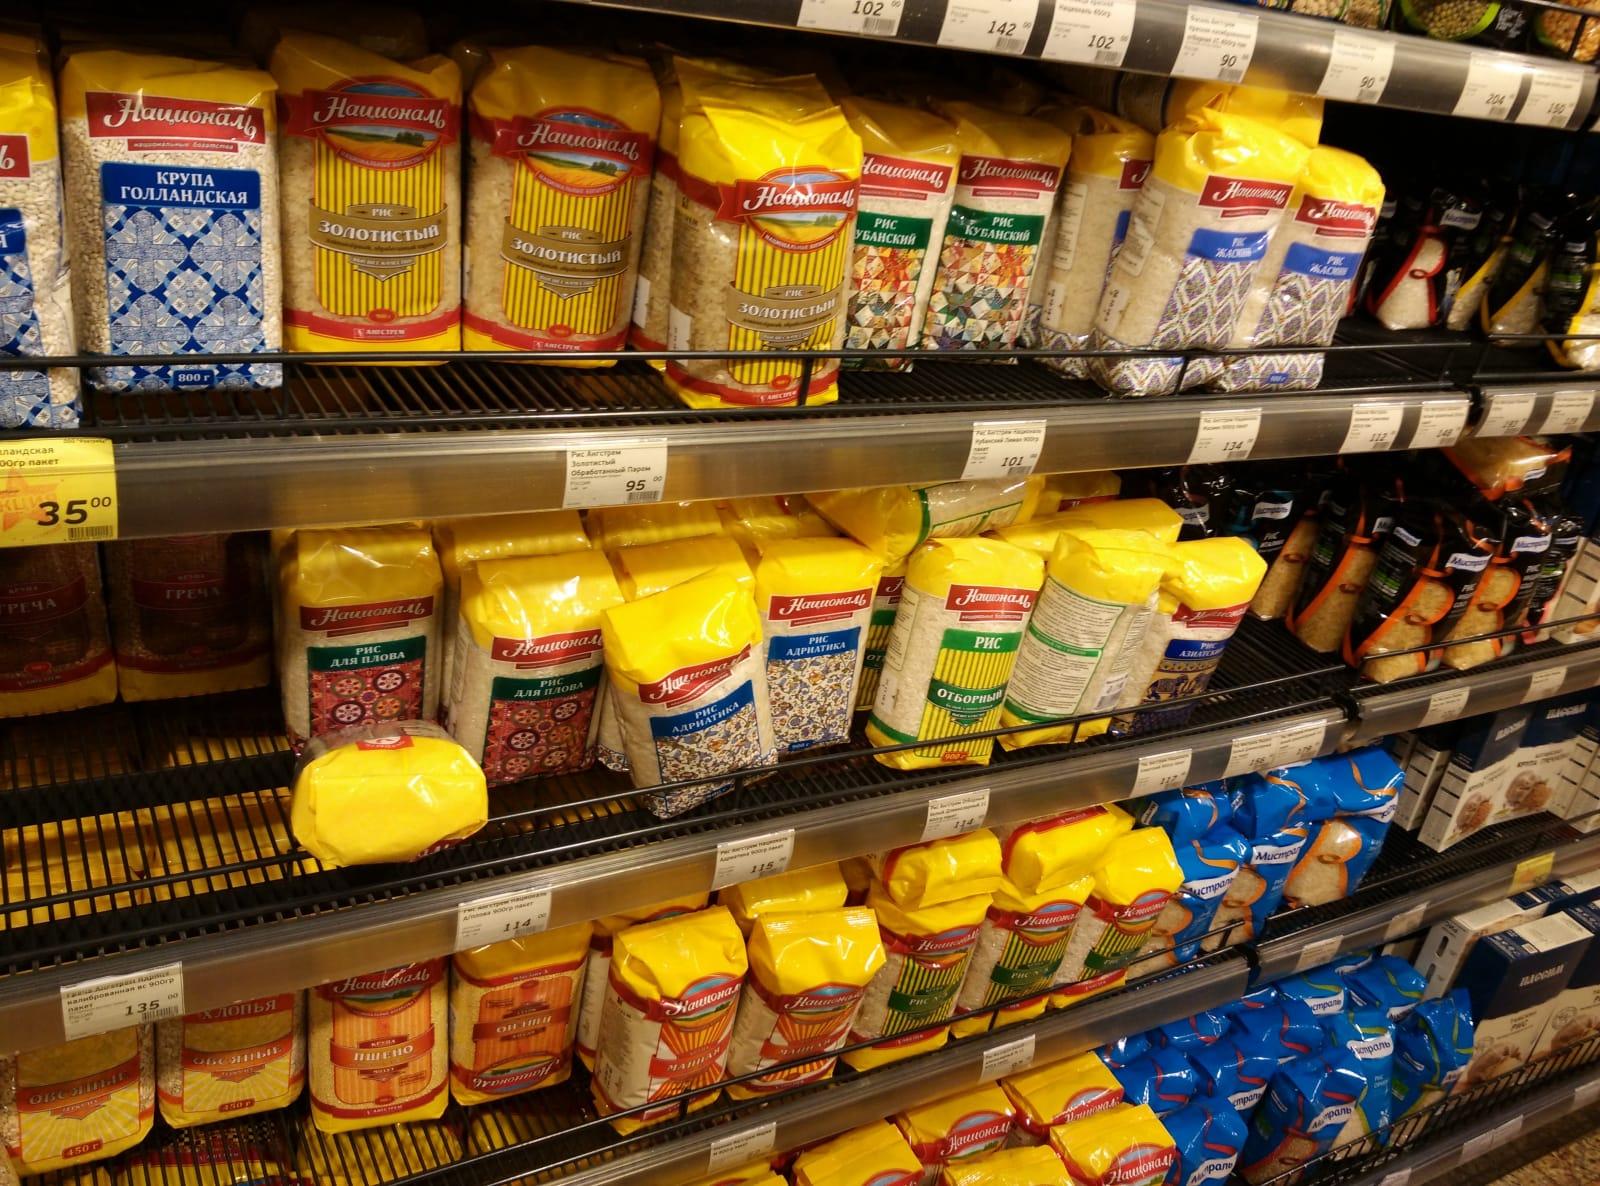 俄罗斯超市大米|俄罗斯留学物价|俄罗斯超市物价|俄罗斯留学